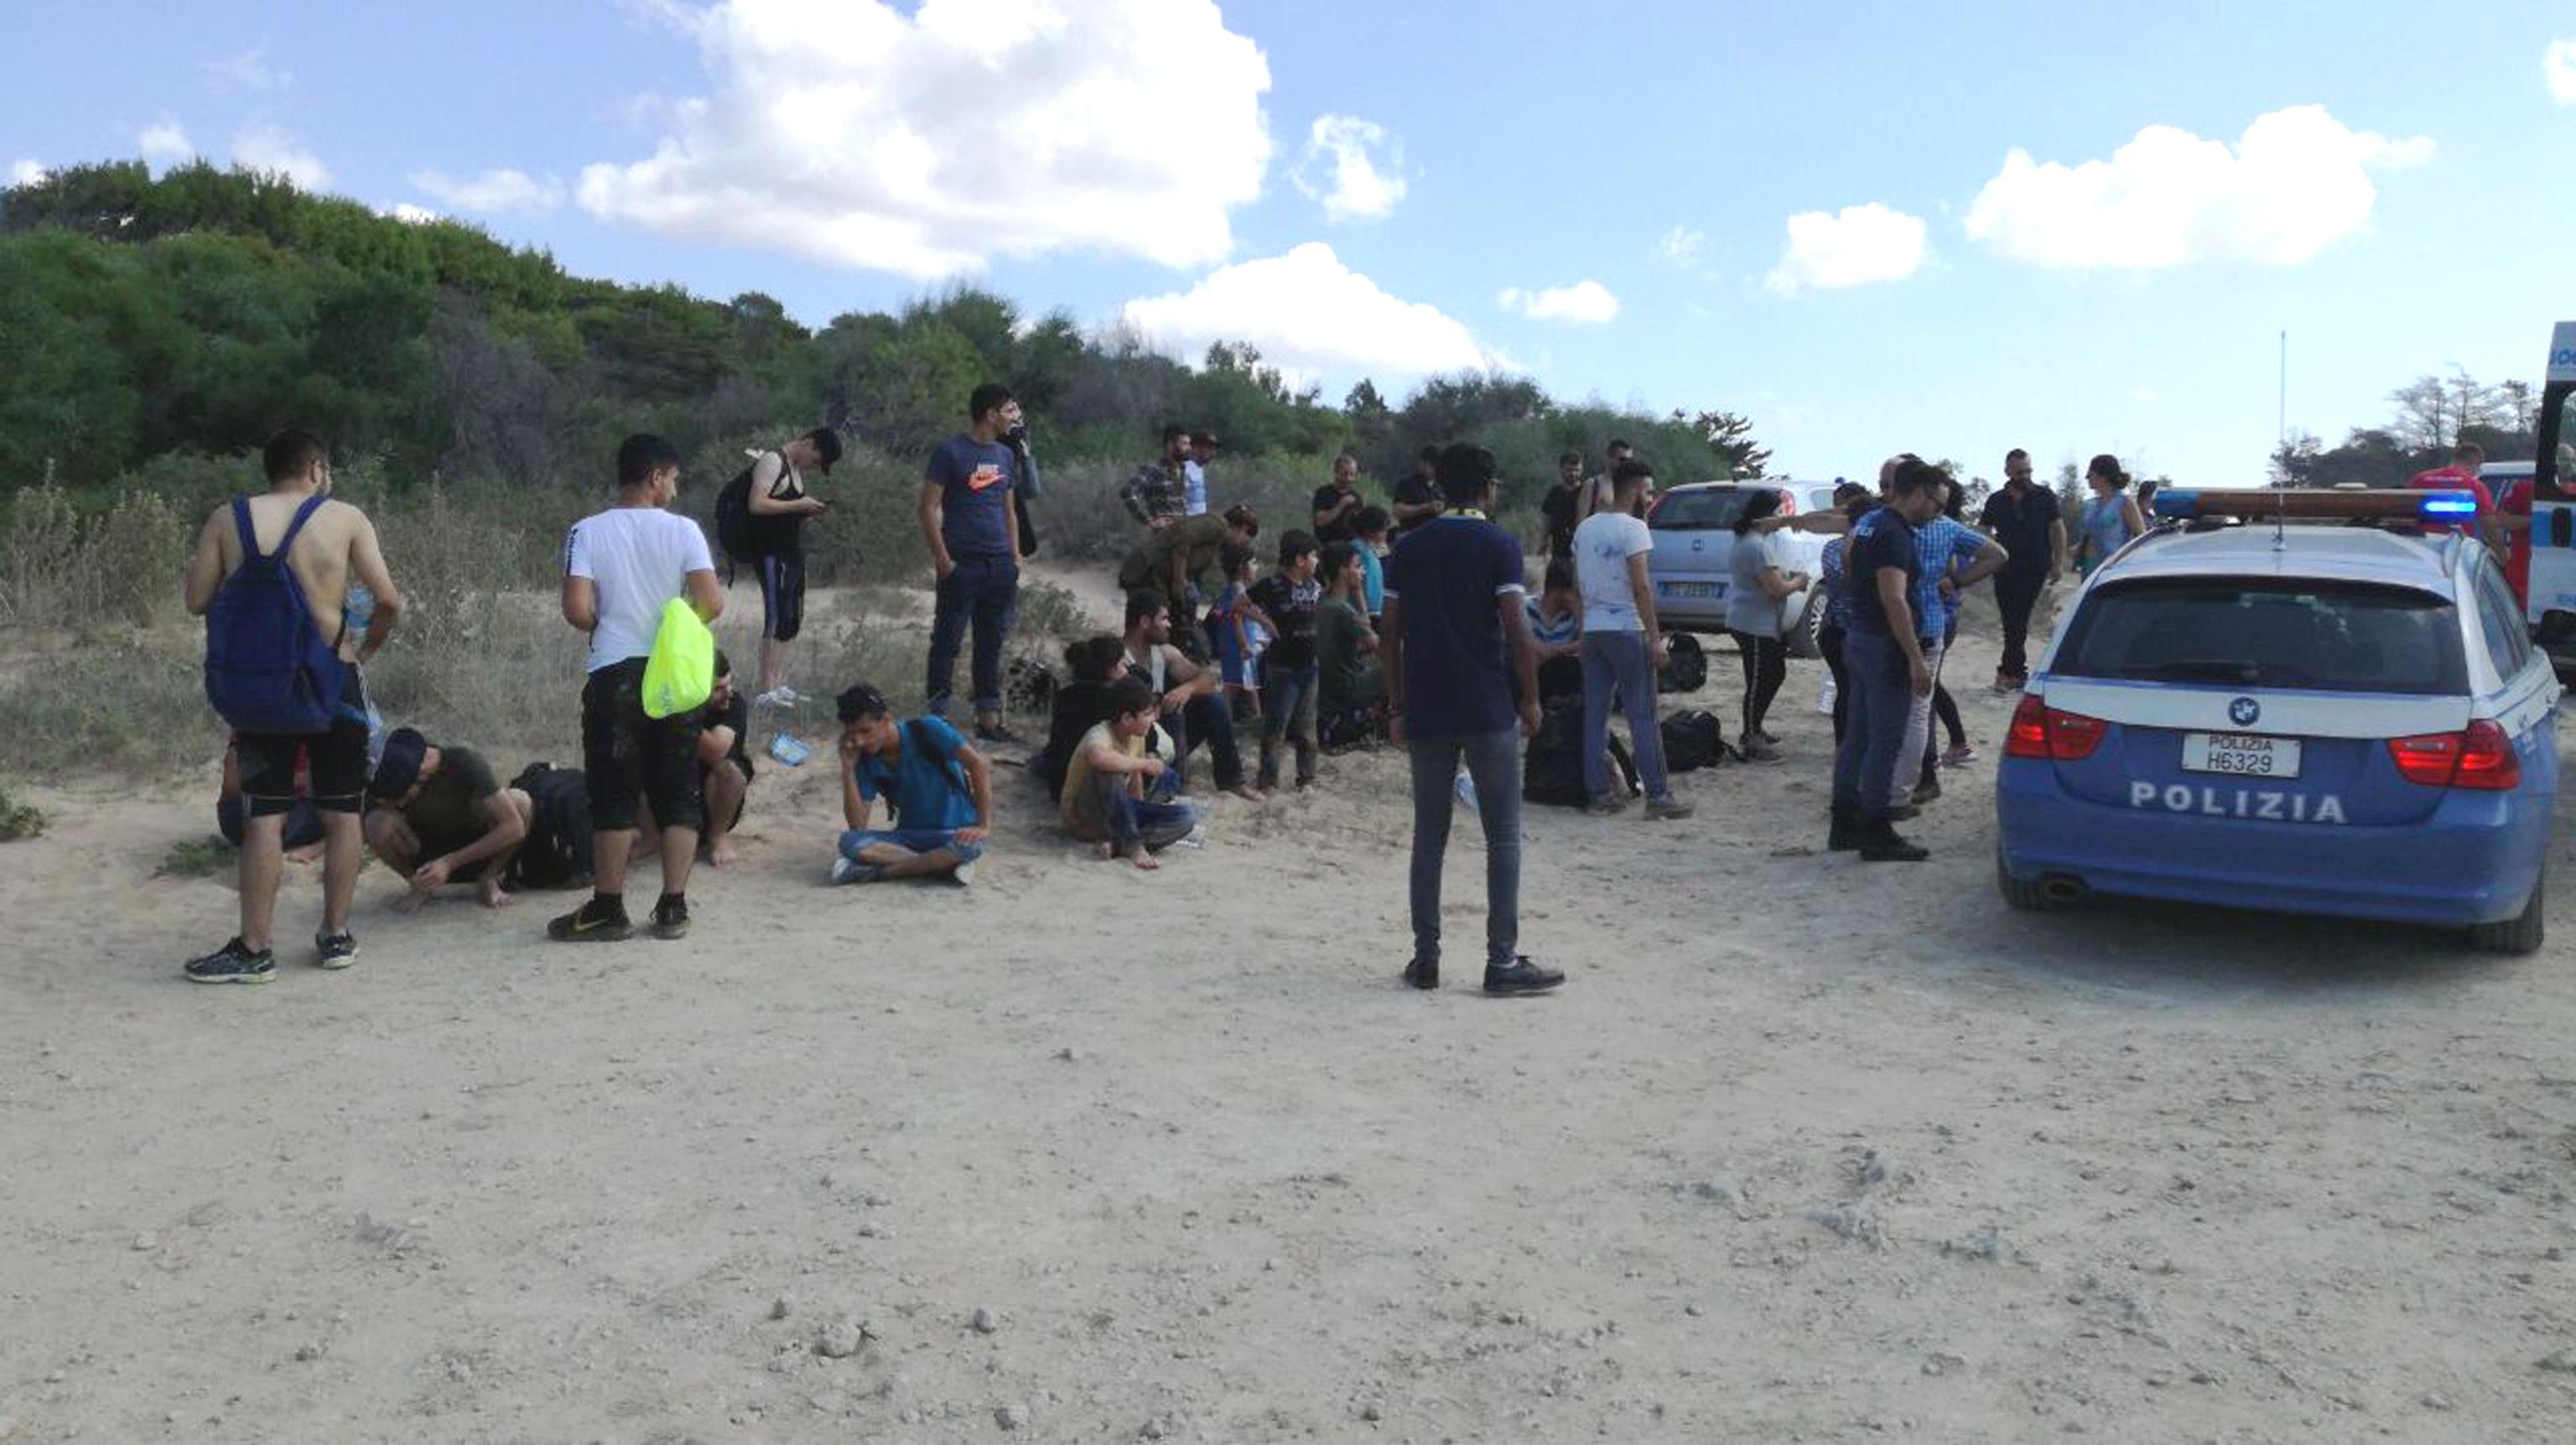 migranti-soccorso-in-provincia-di-crotone-foto-ansa